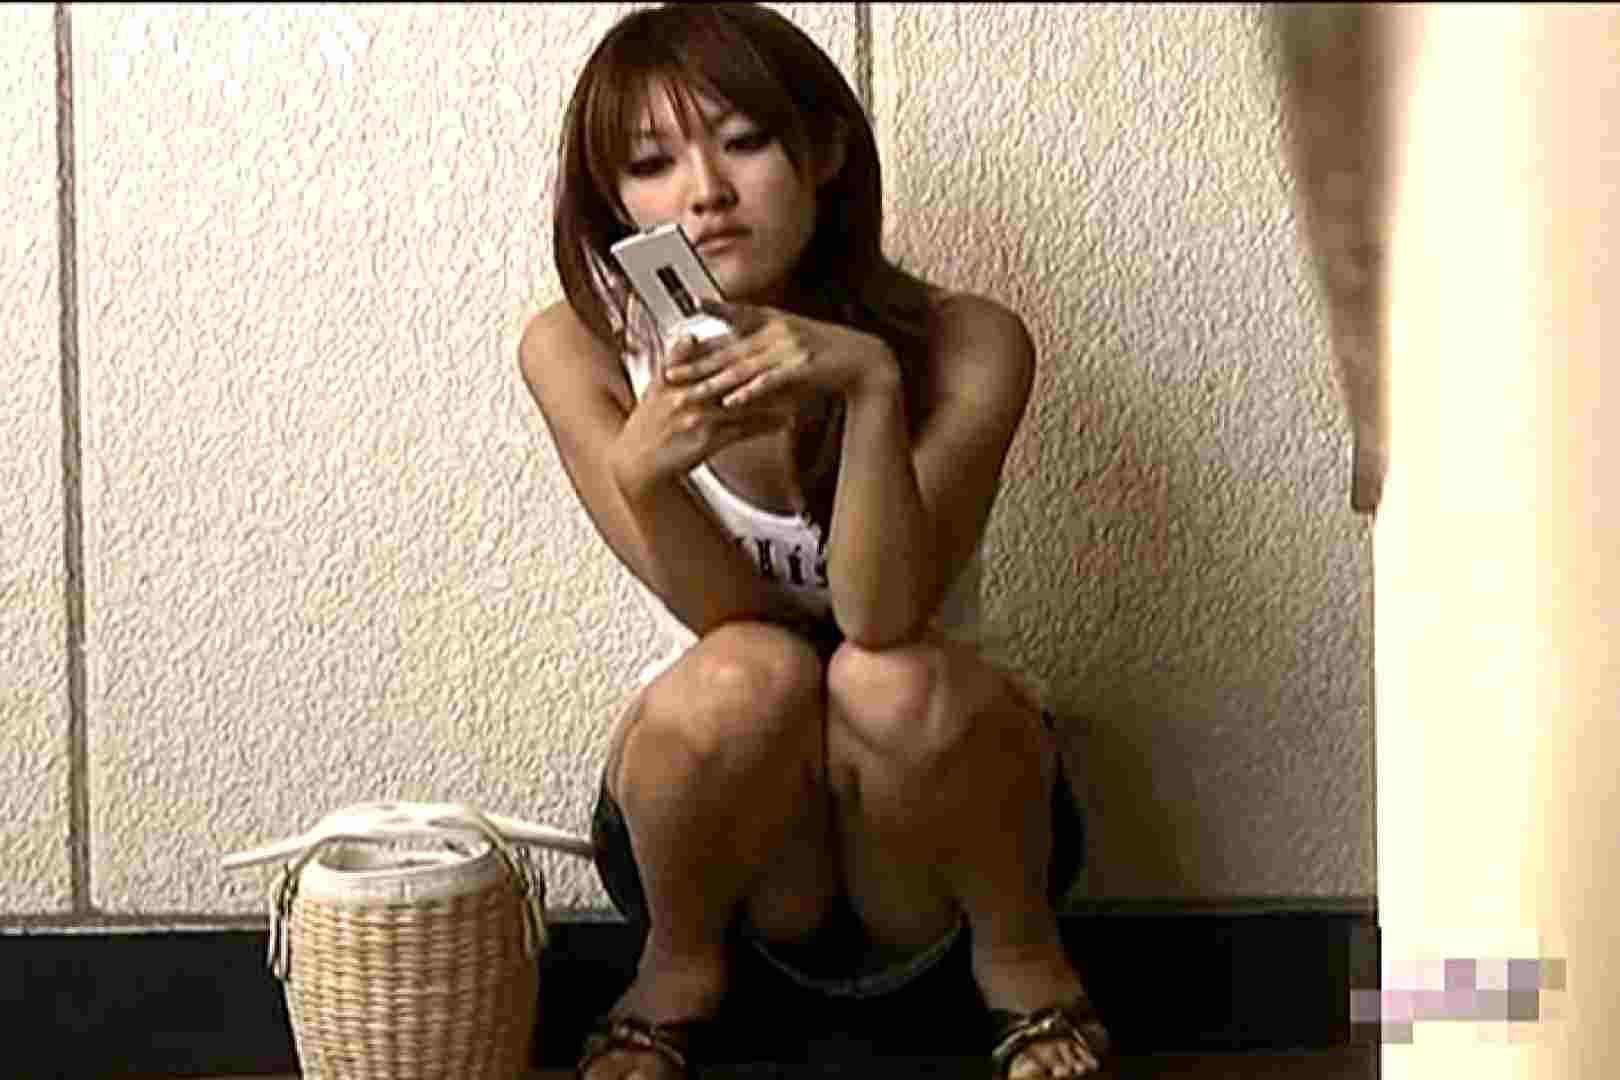 マンチラインパクトVol.3 マンコ映像 | 美女OL  80連発 13